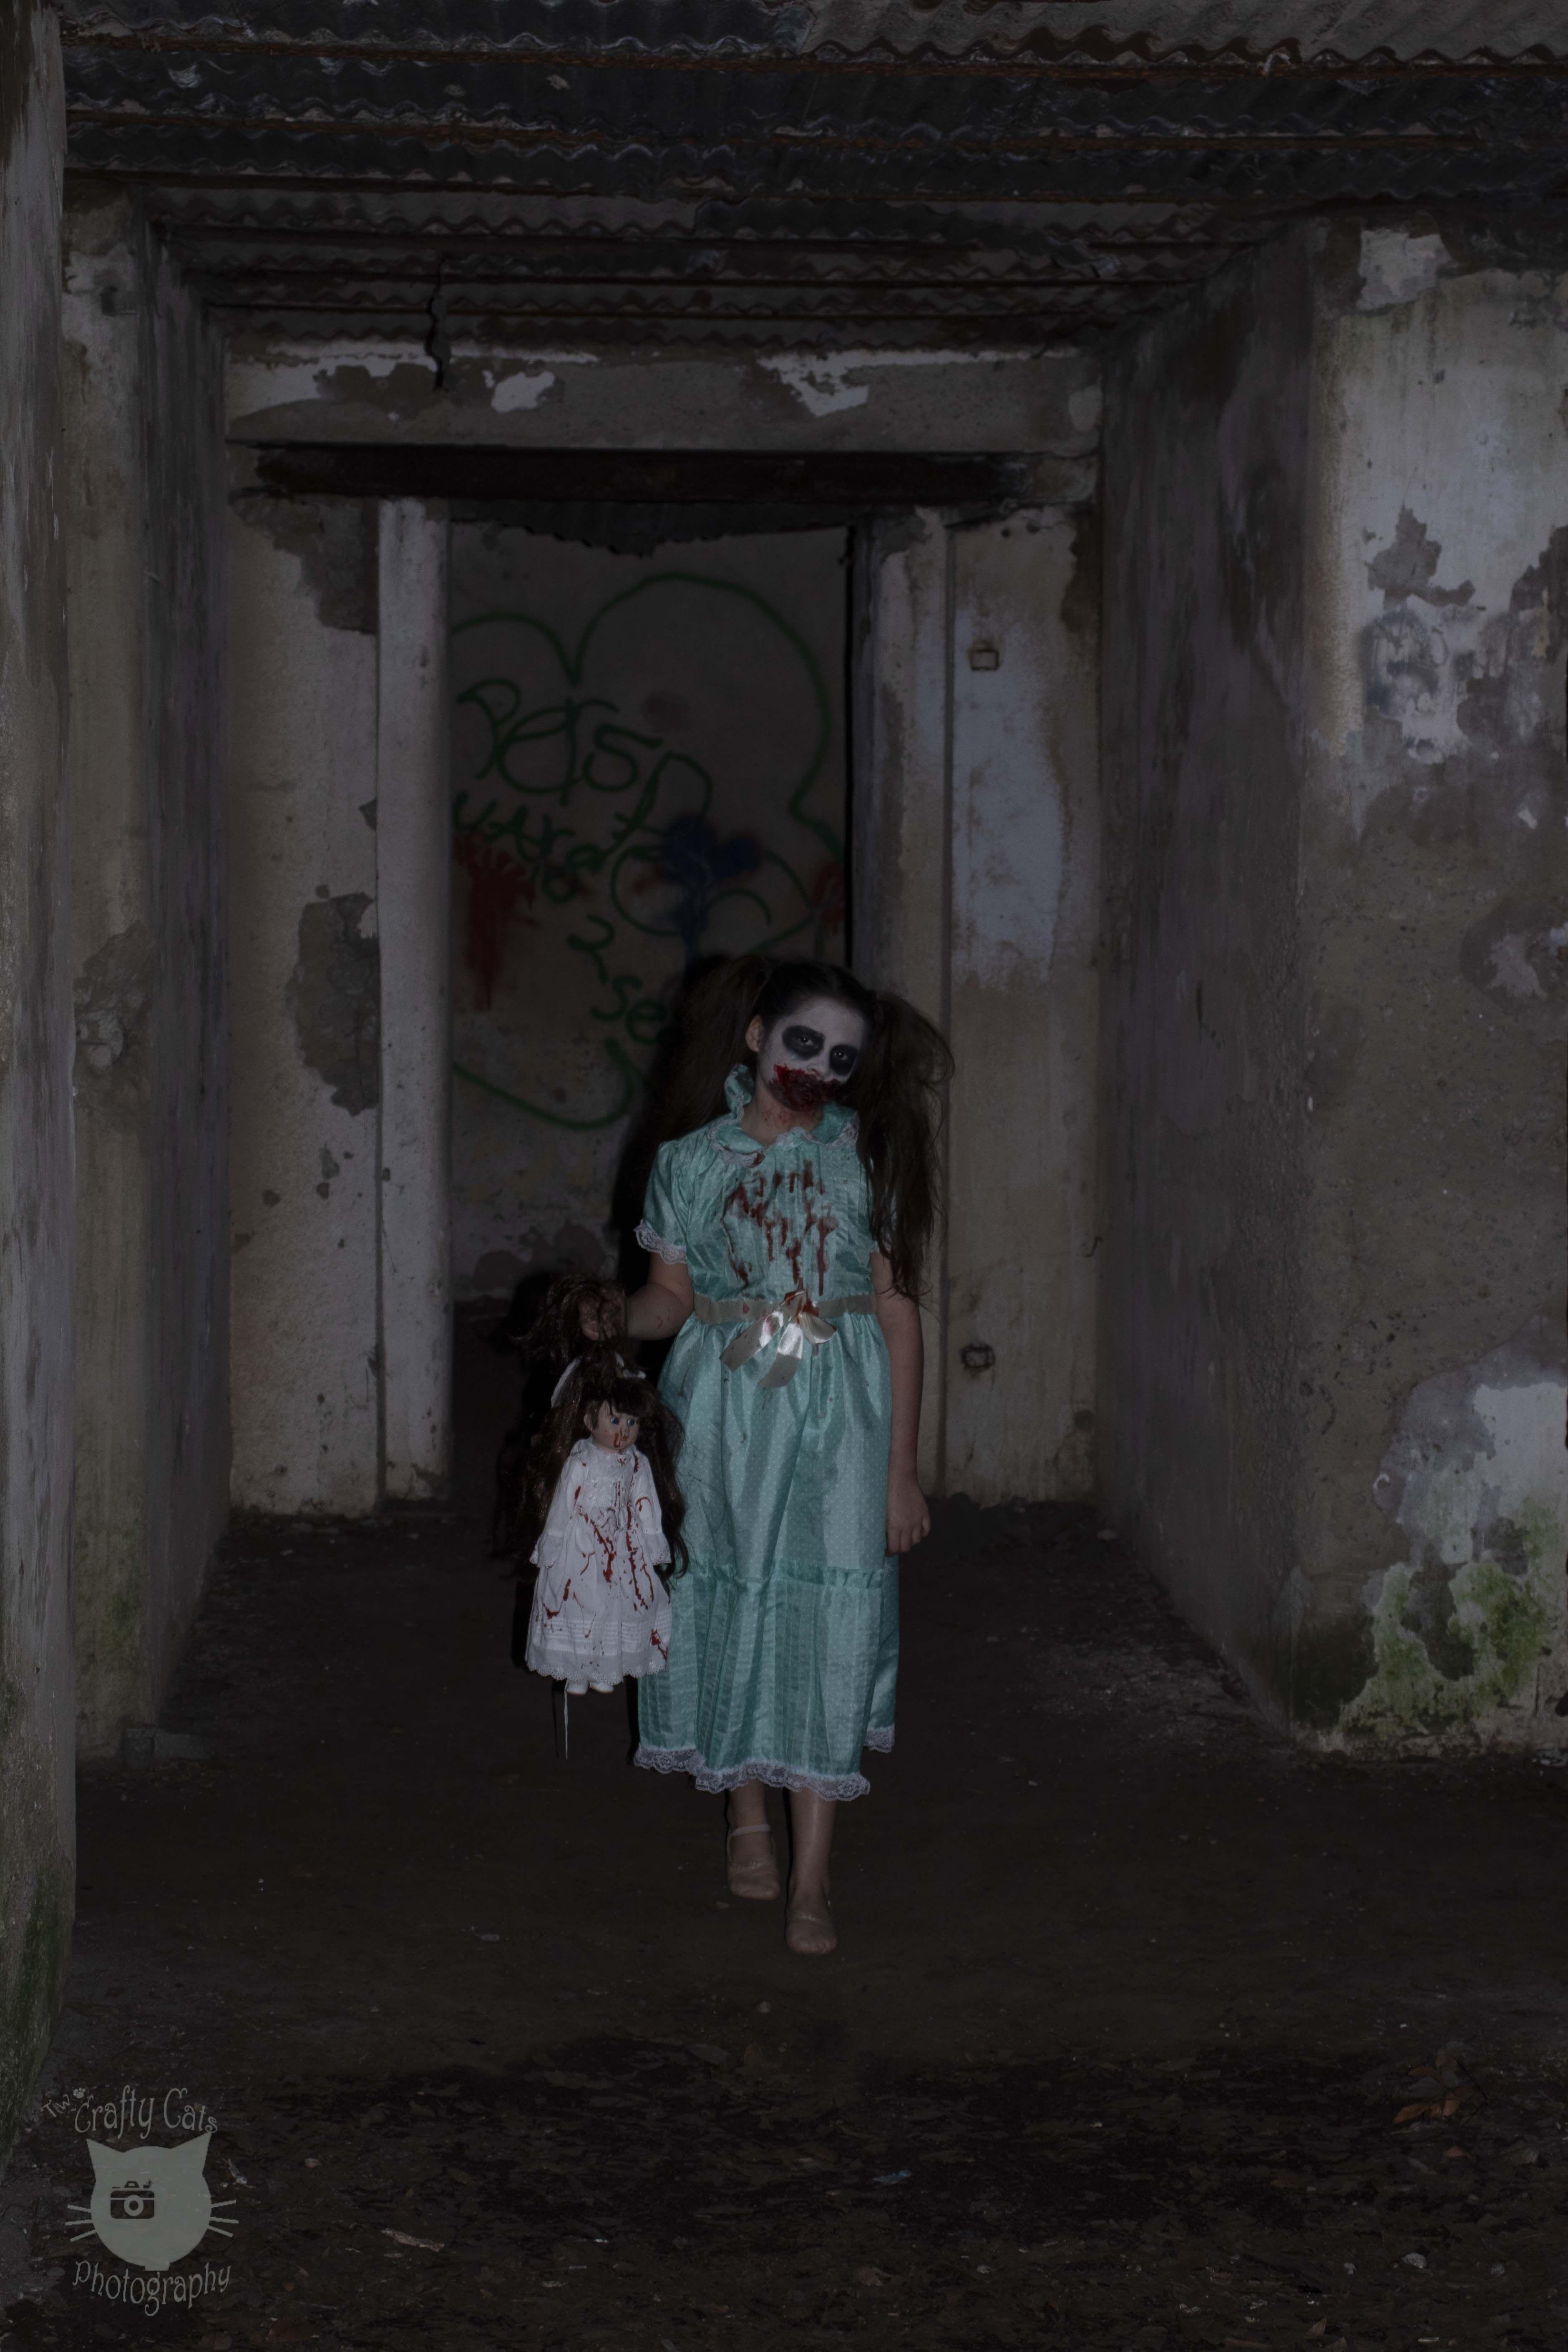 Horror Shoot Creepy Girl Photo By Tera Two Crafty Cats Model